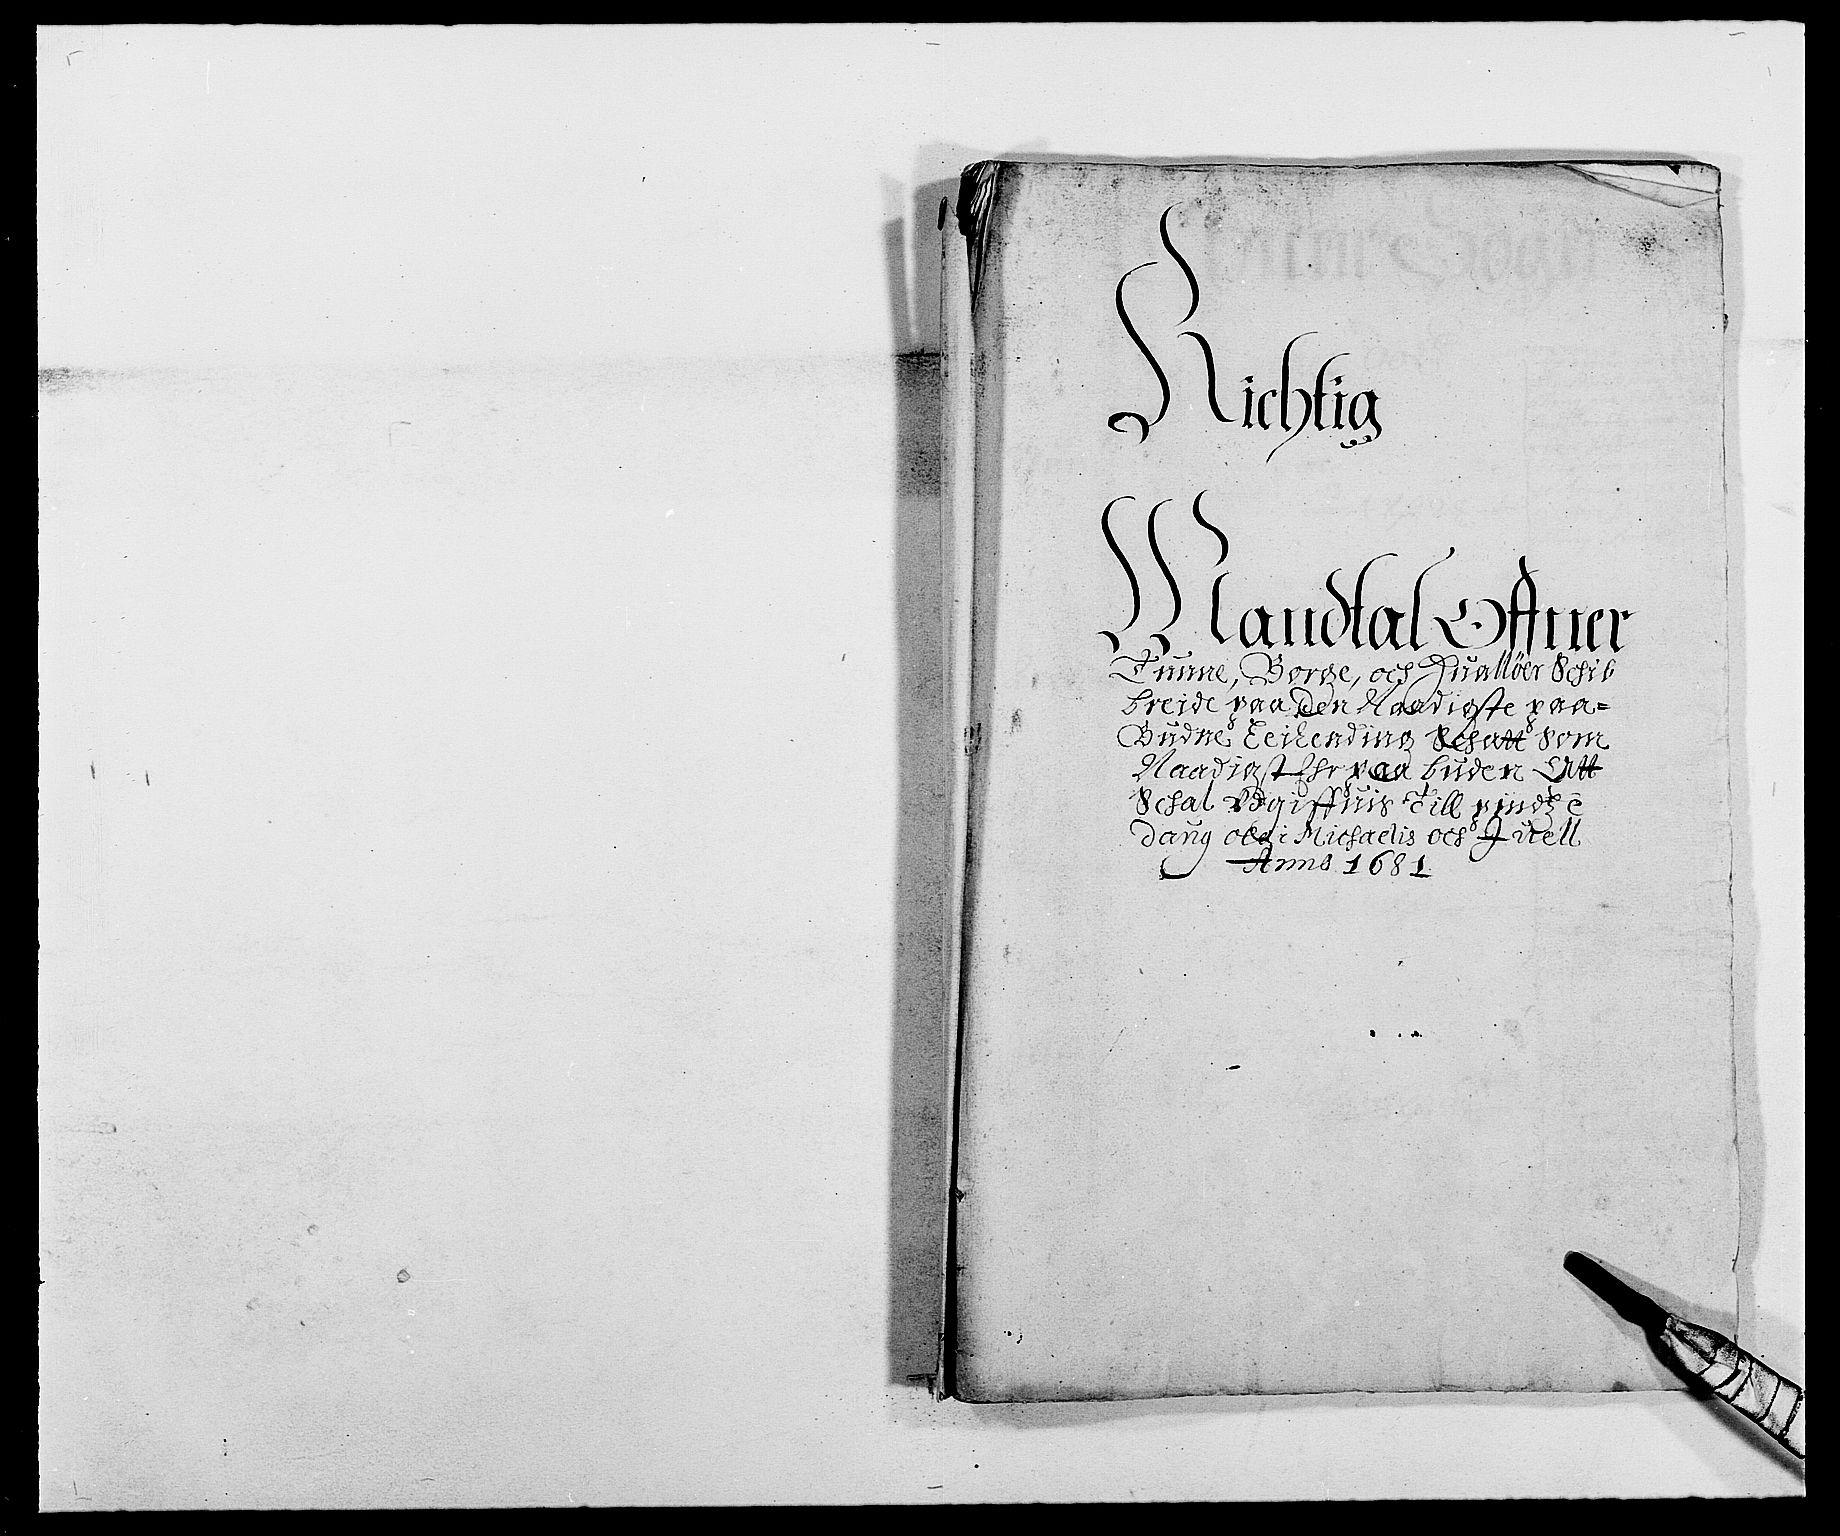 RA, Rentekammeret inntil 1814, Reviderte regnskaper, Fogderegnskap, R03/L0114: Fogderegnskap Onsøy, Tune, Veme og Åbygge fogderi, 1678-1683, s. 62